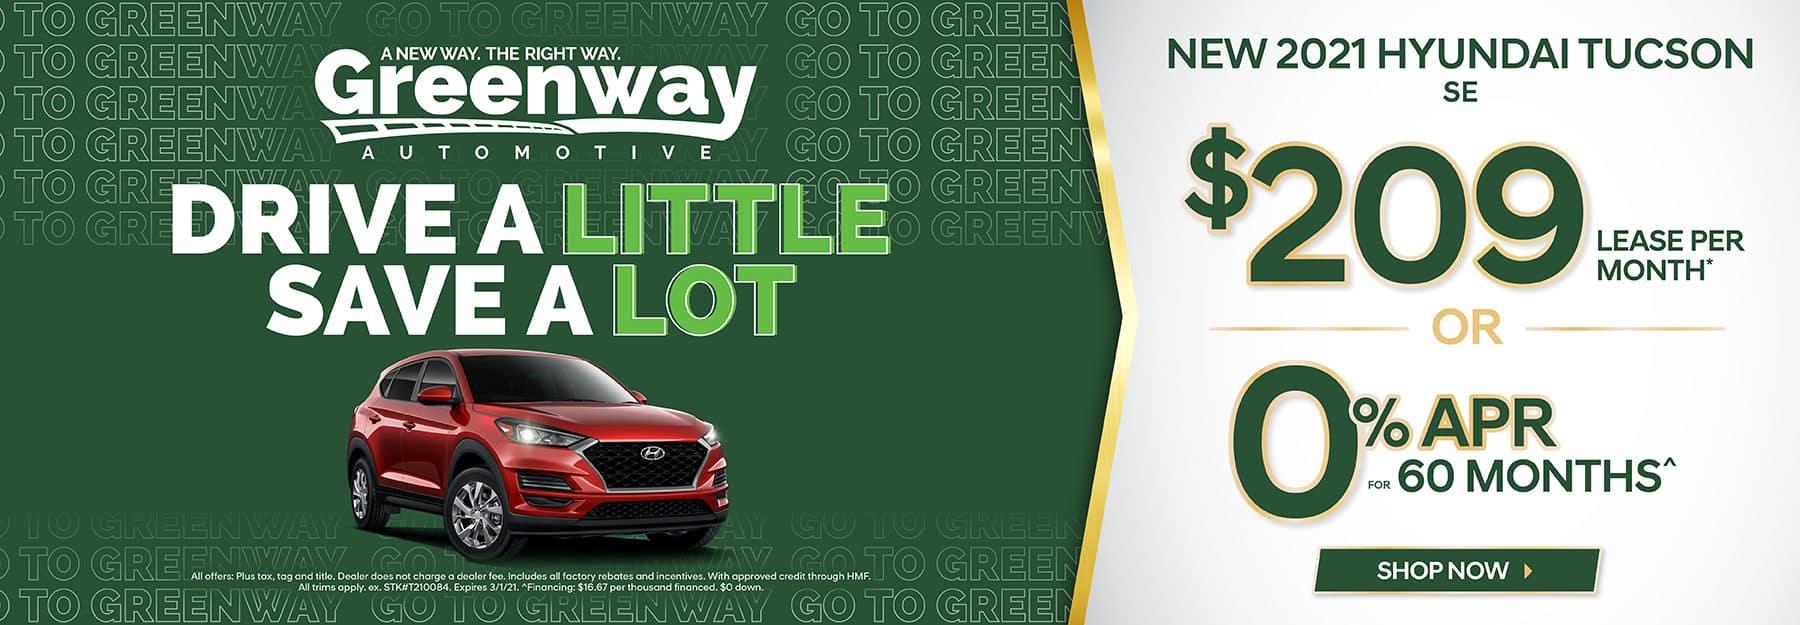 New 2021 Hyundai Tucson - Drive a Little Save a Lot!